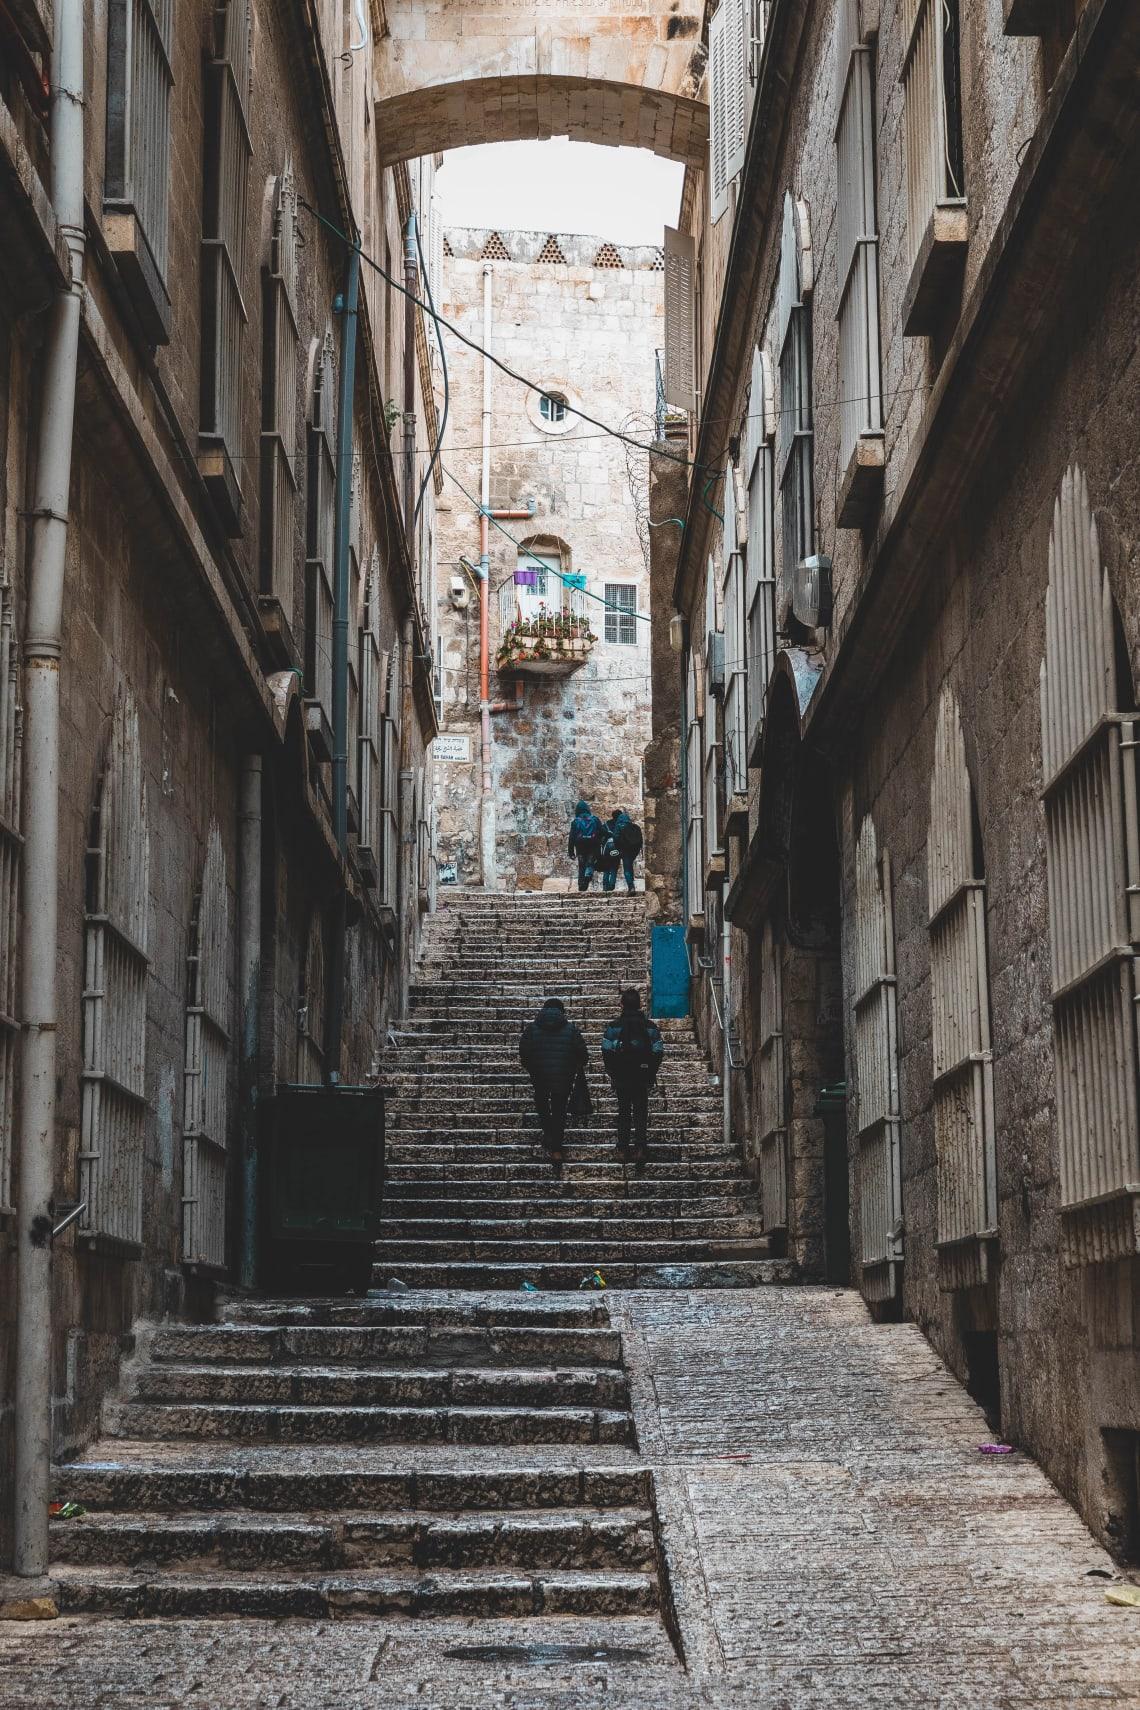 Exploring the Old City of Jerusalem